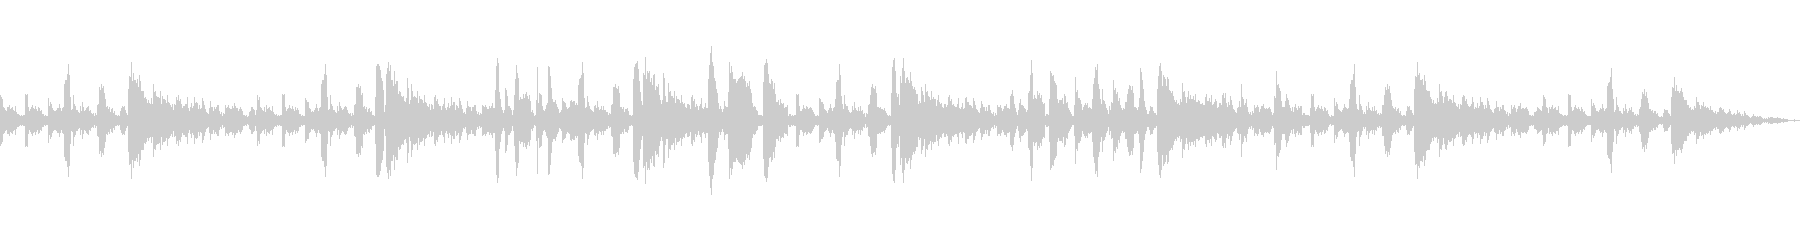 ジングル・トランペット主のJazz系の未再生の波形